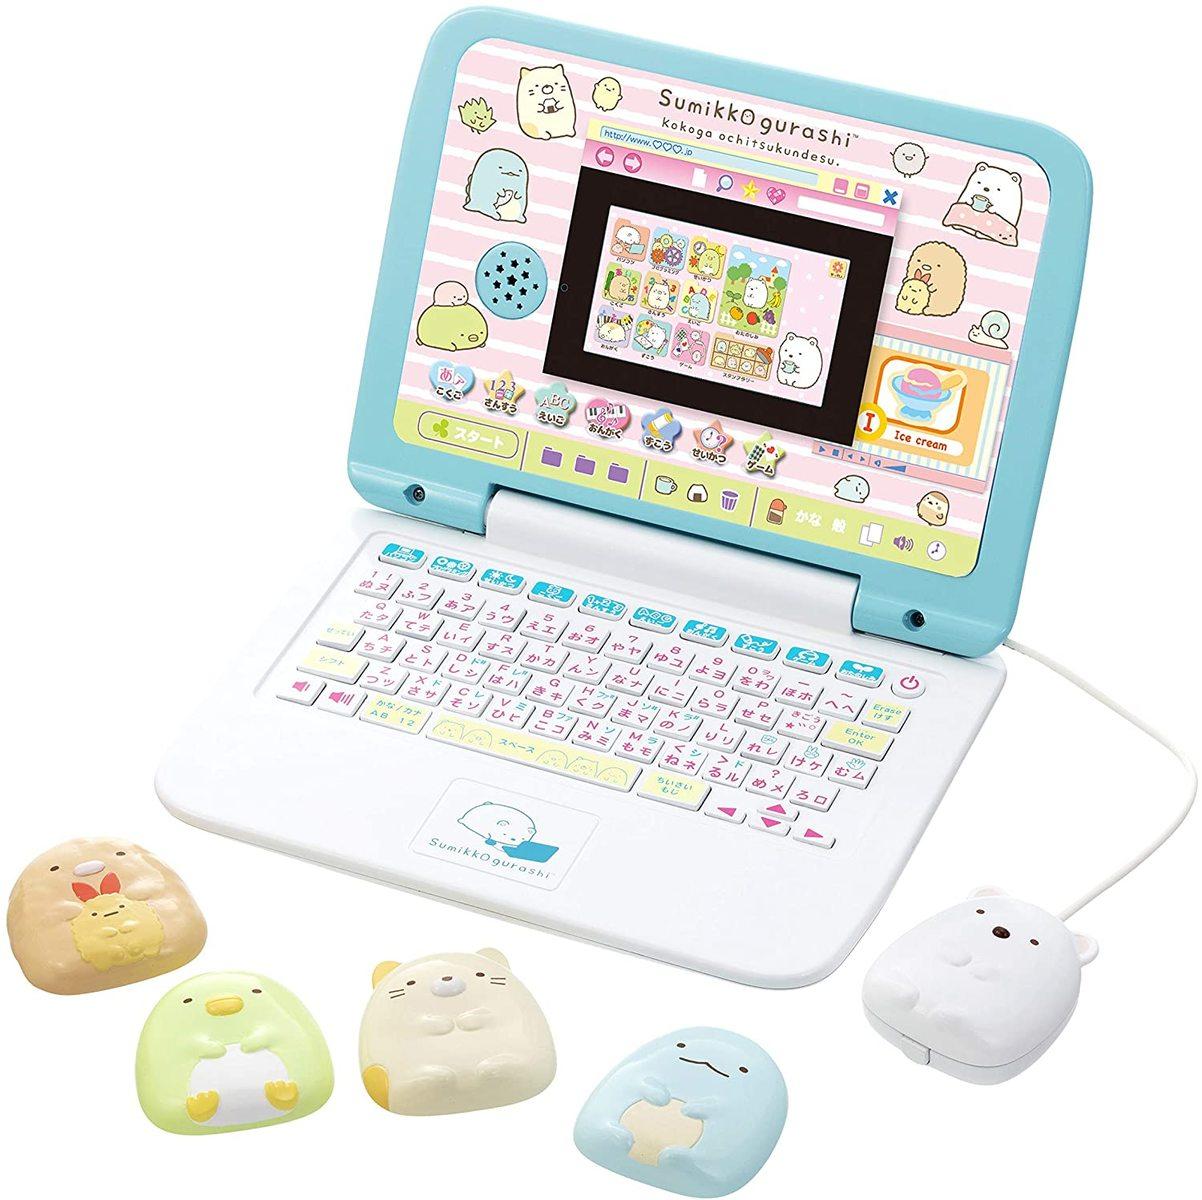 特価キャンペーン 全国一律送料無料 マウスできせかえ 激安通販 275×202×202mm すみっコぐらしパソコン